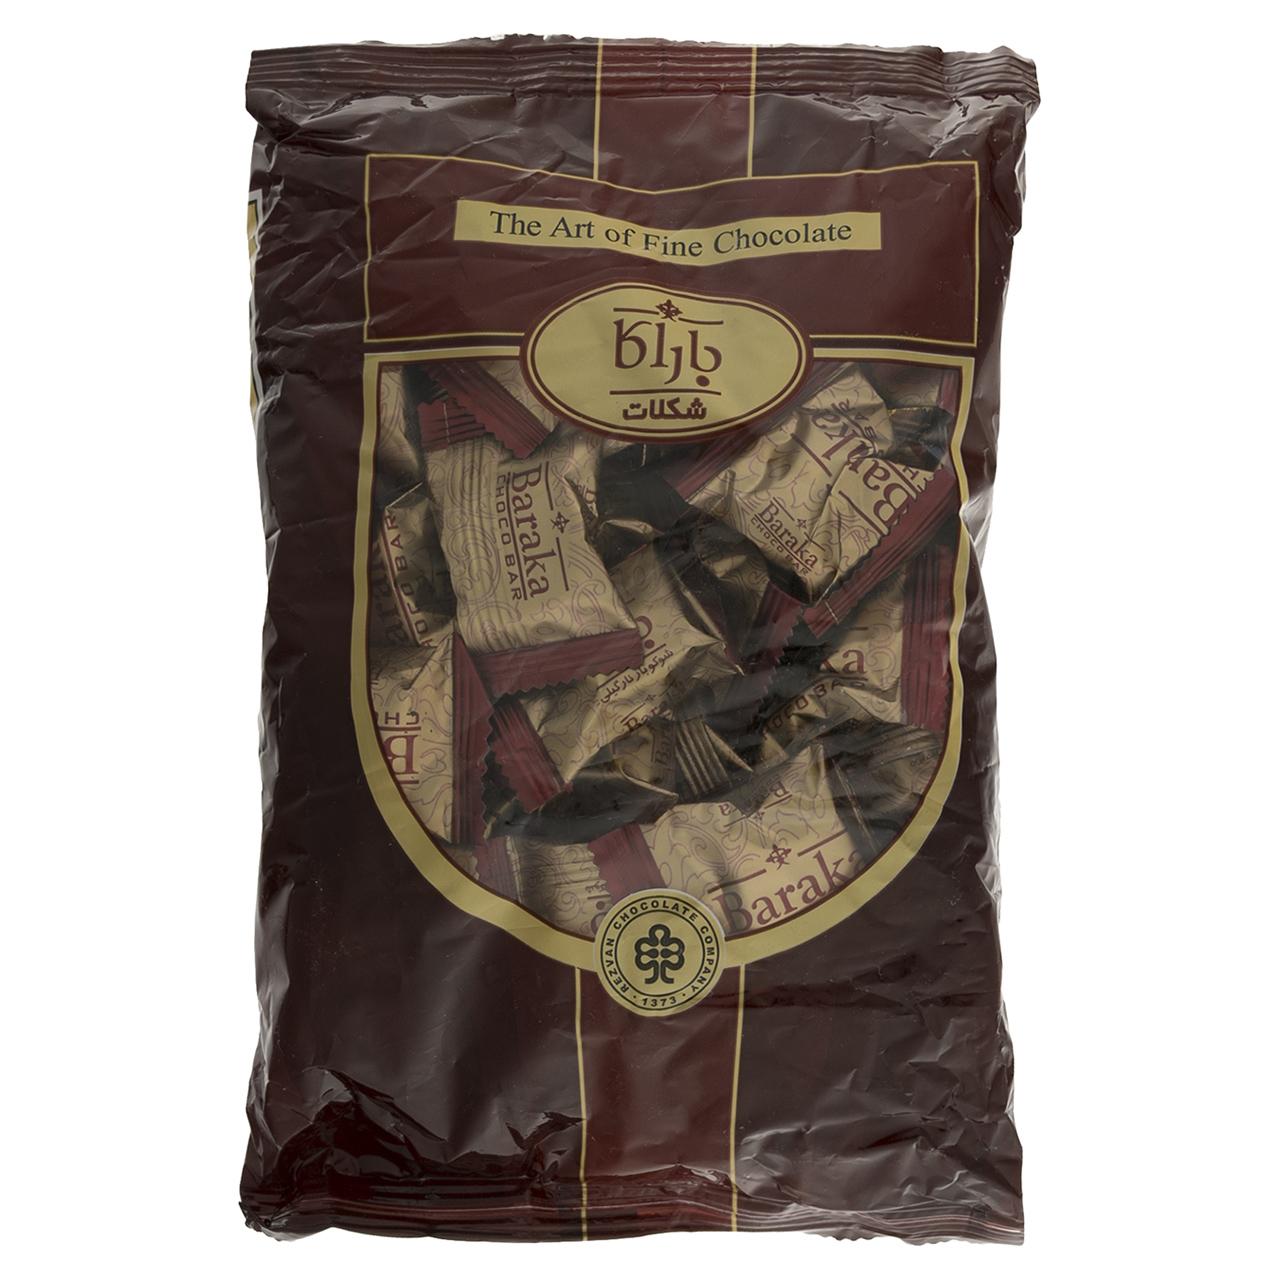 فرآورده نارگیلی با روکش کاکائویی باراکا مقدار 500 گرم